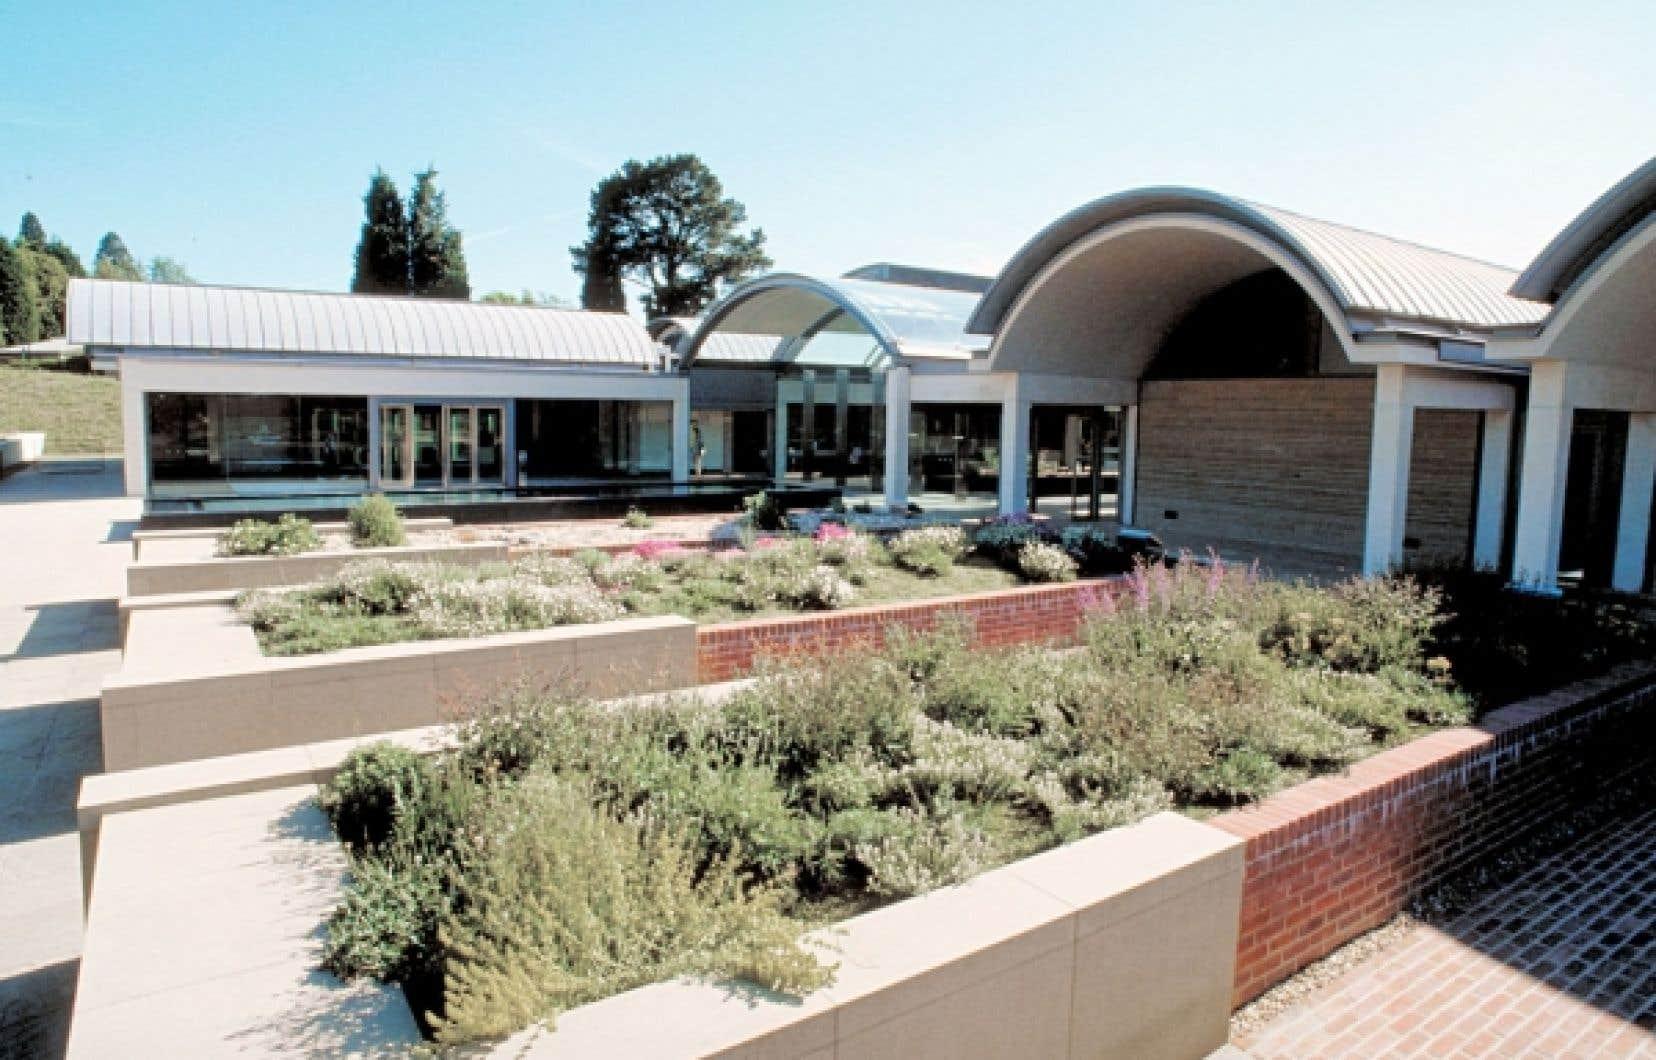 <div> Dans le cadre du Breathing Planet Program, la Millenium Seed Bank au Jardin botanique de Kew joue un rôle important de conservation et de redistribution des semences pour des projets de développement durable.</div>